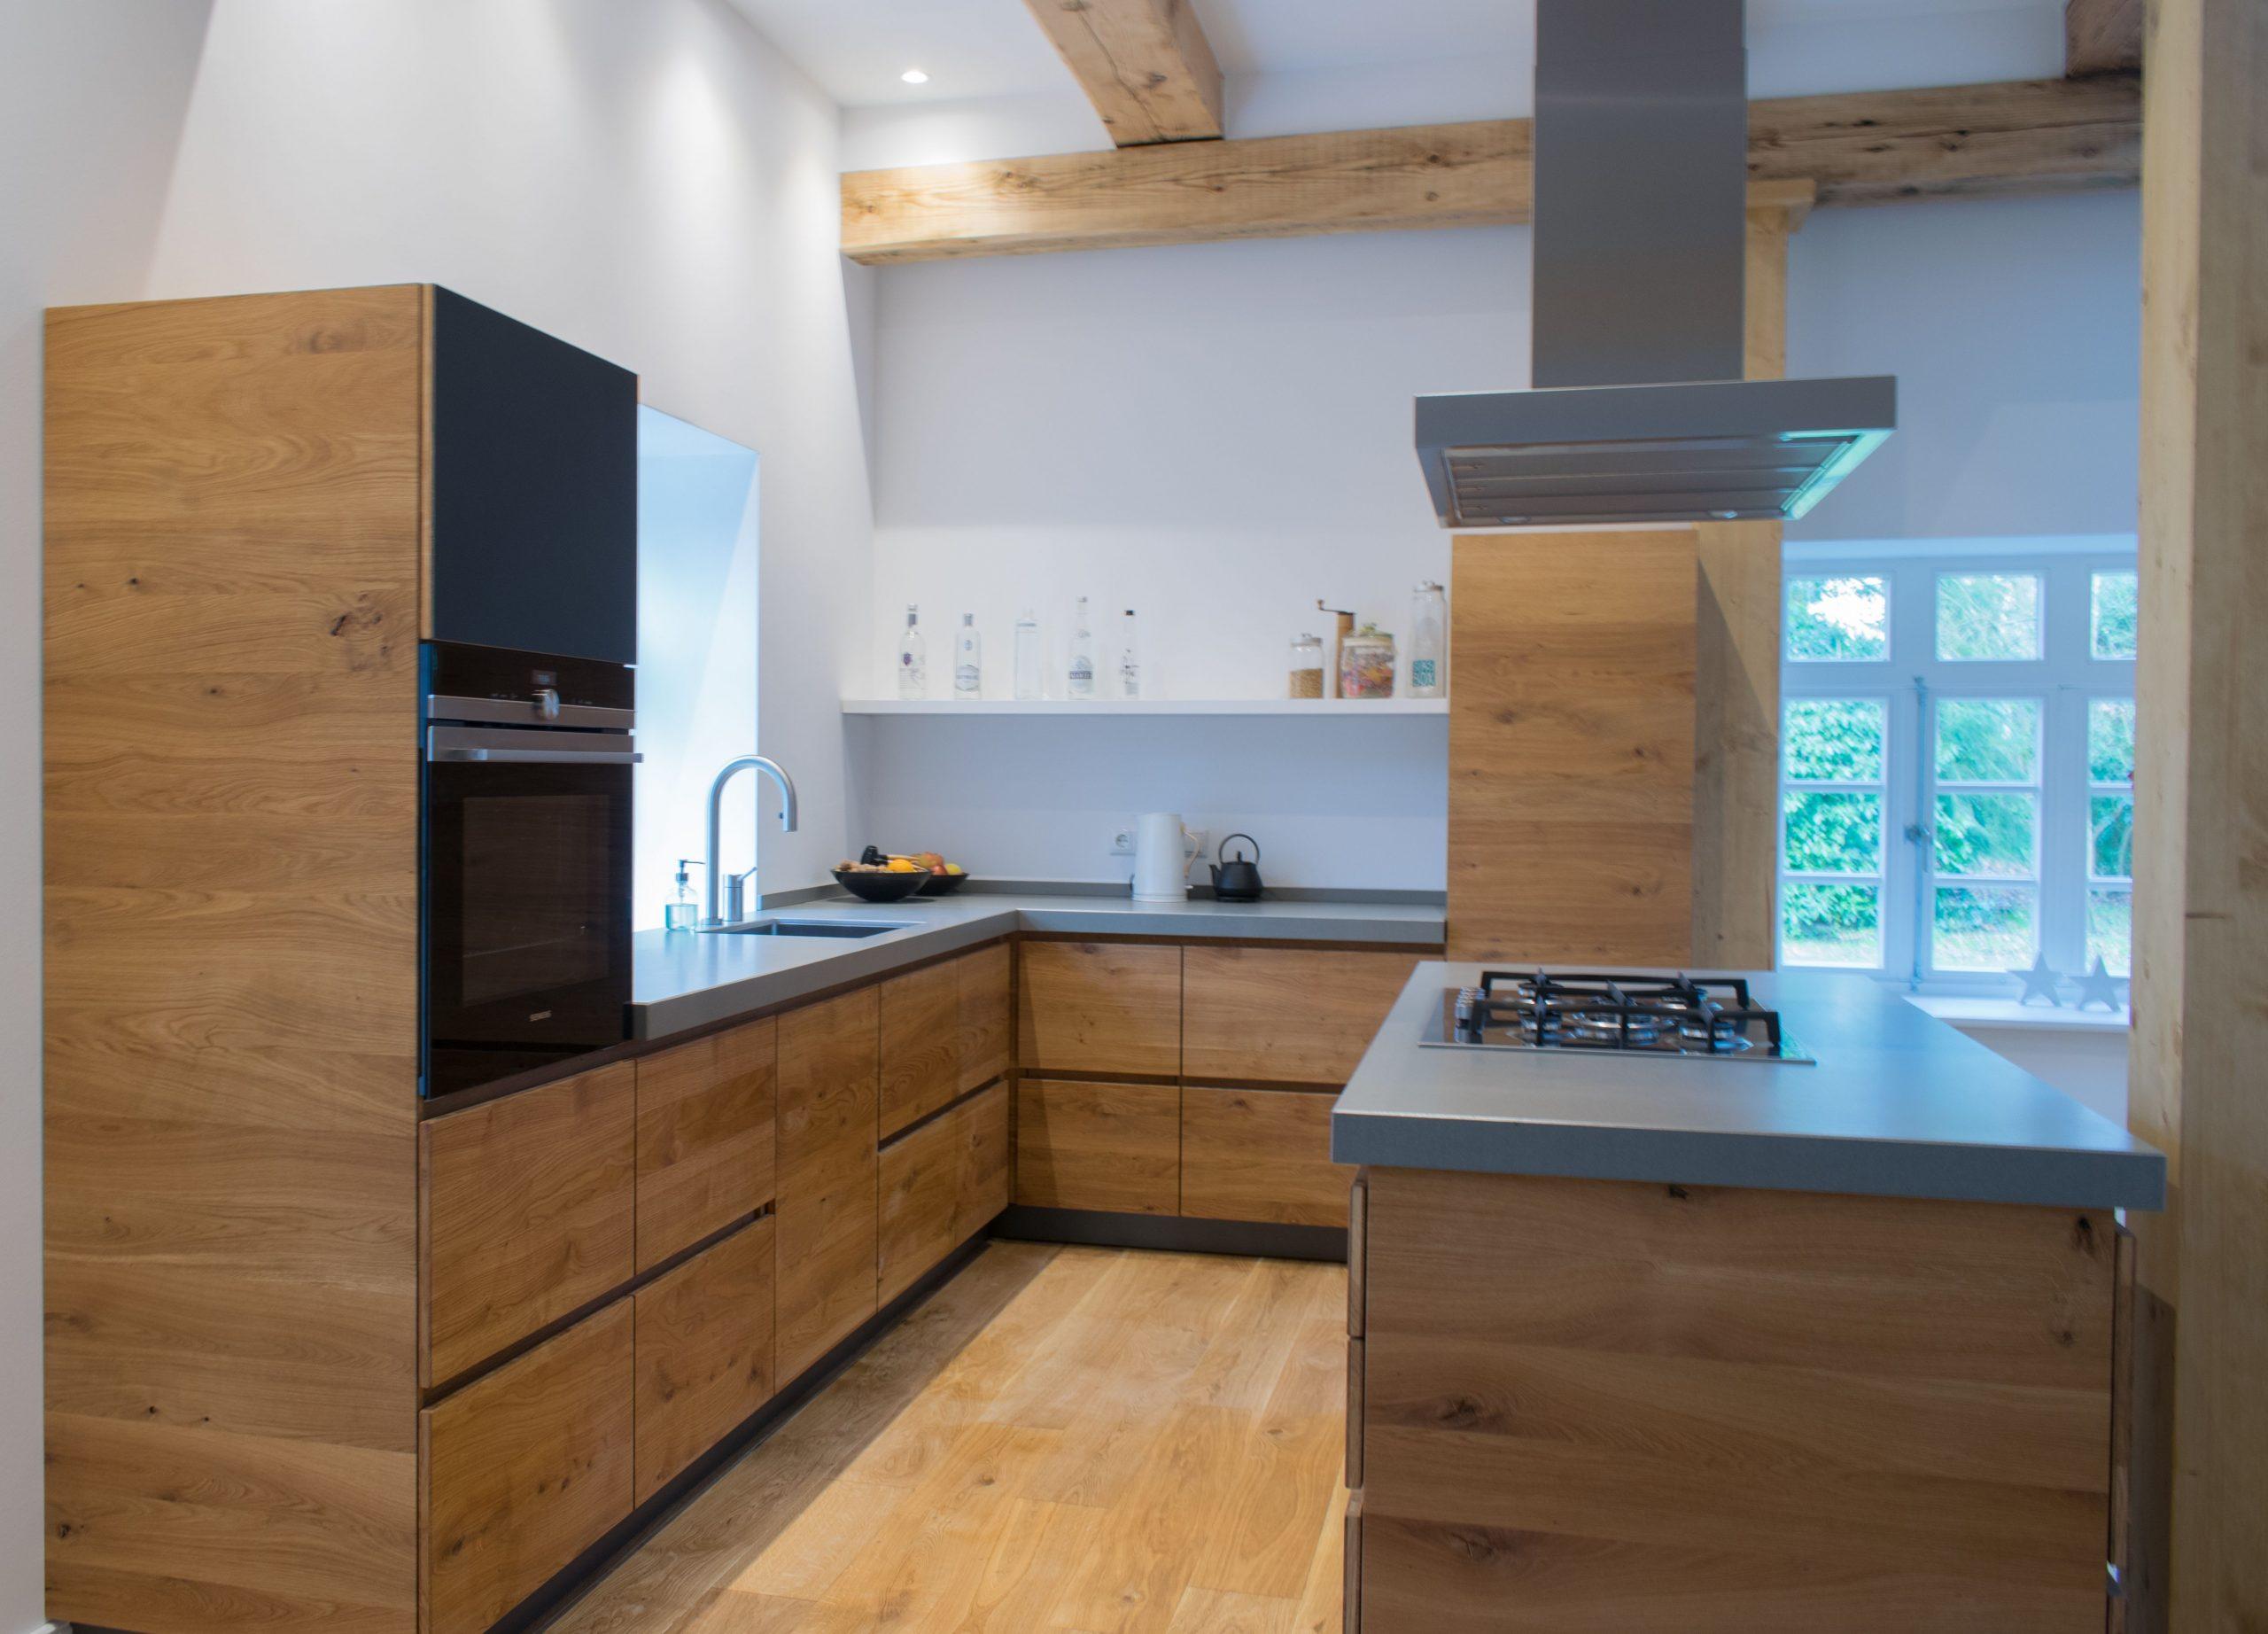 Full Size of Miniküche Mit Kühlschrank Betonoptik Küche Erweitern Wasserhähne Fliesenspiegel Glas Wandtattoo Deckenleuchten Landhausküche Gebrauchte Kaufen Planen Küche Küche Eiche